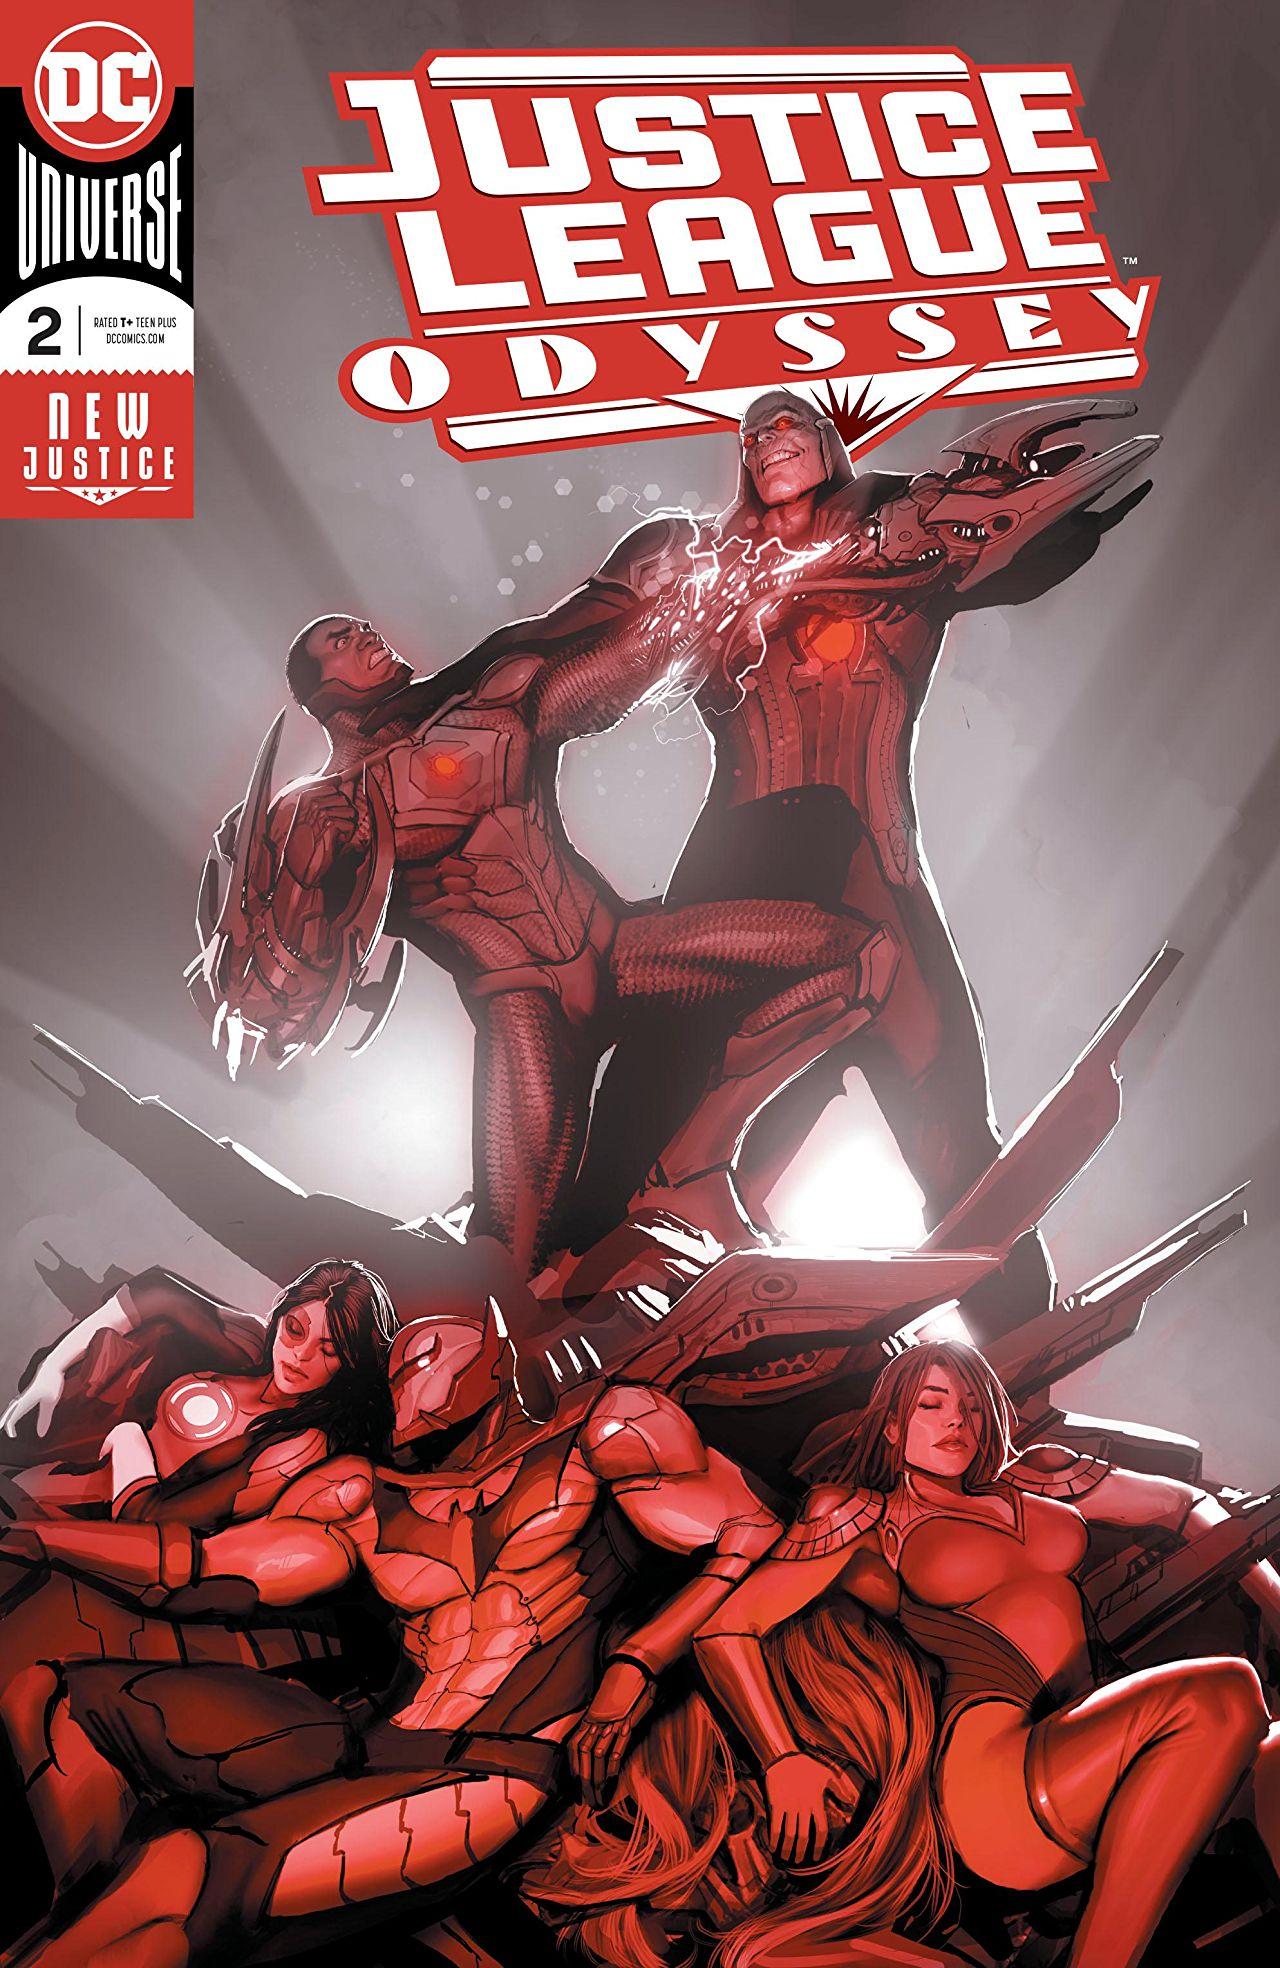 Justice League Odyssey Vol 1 2